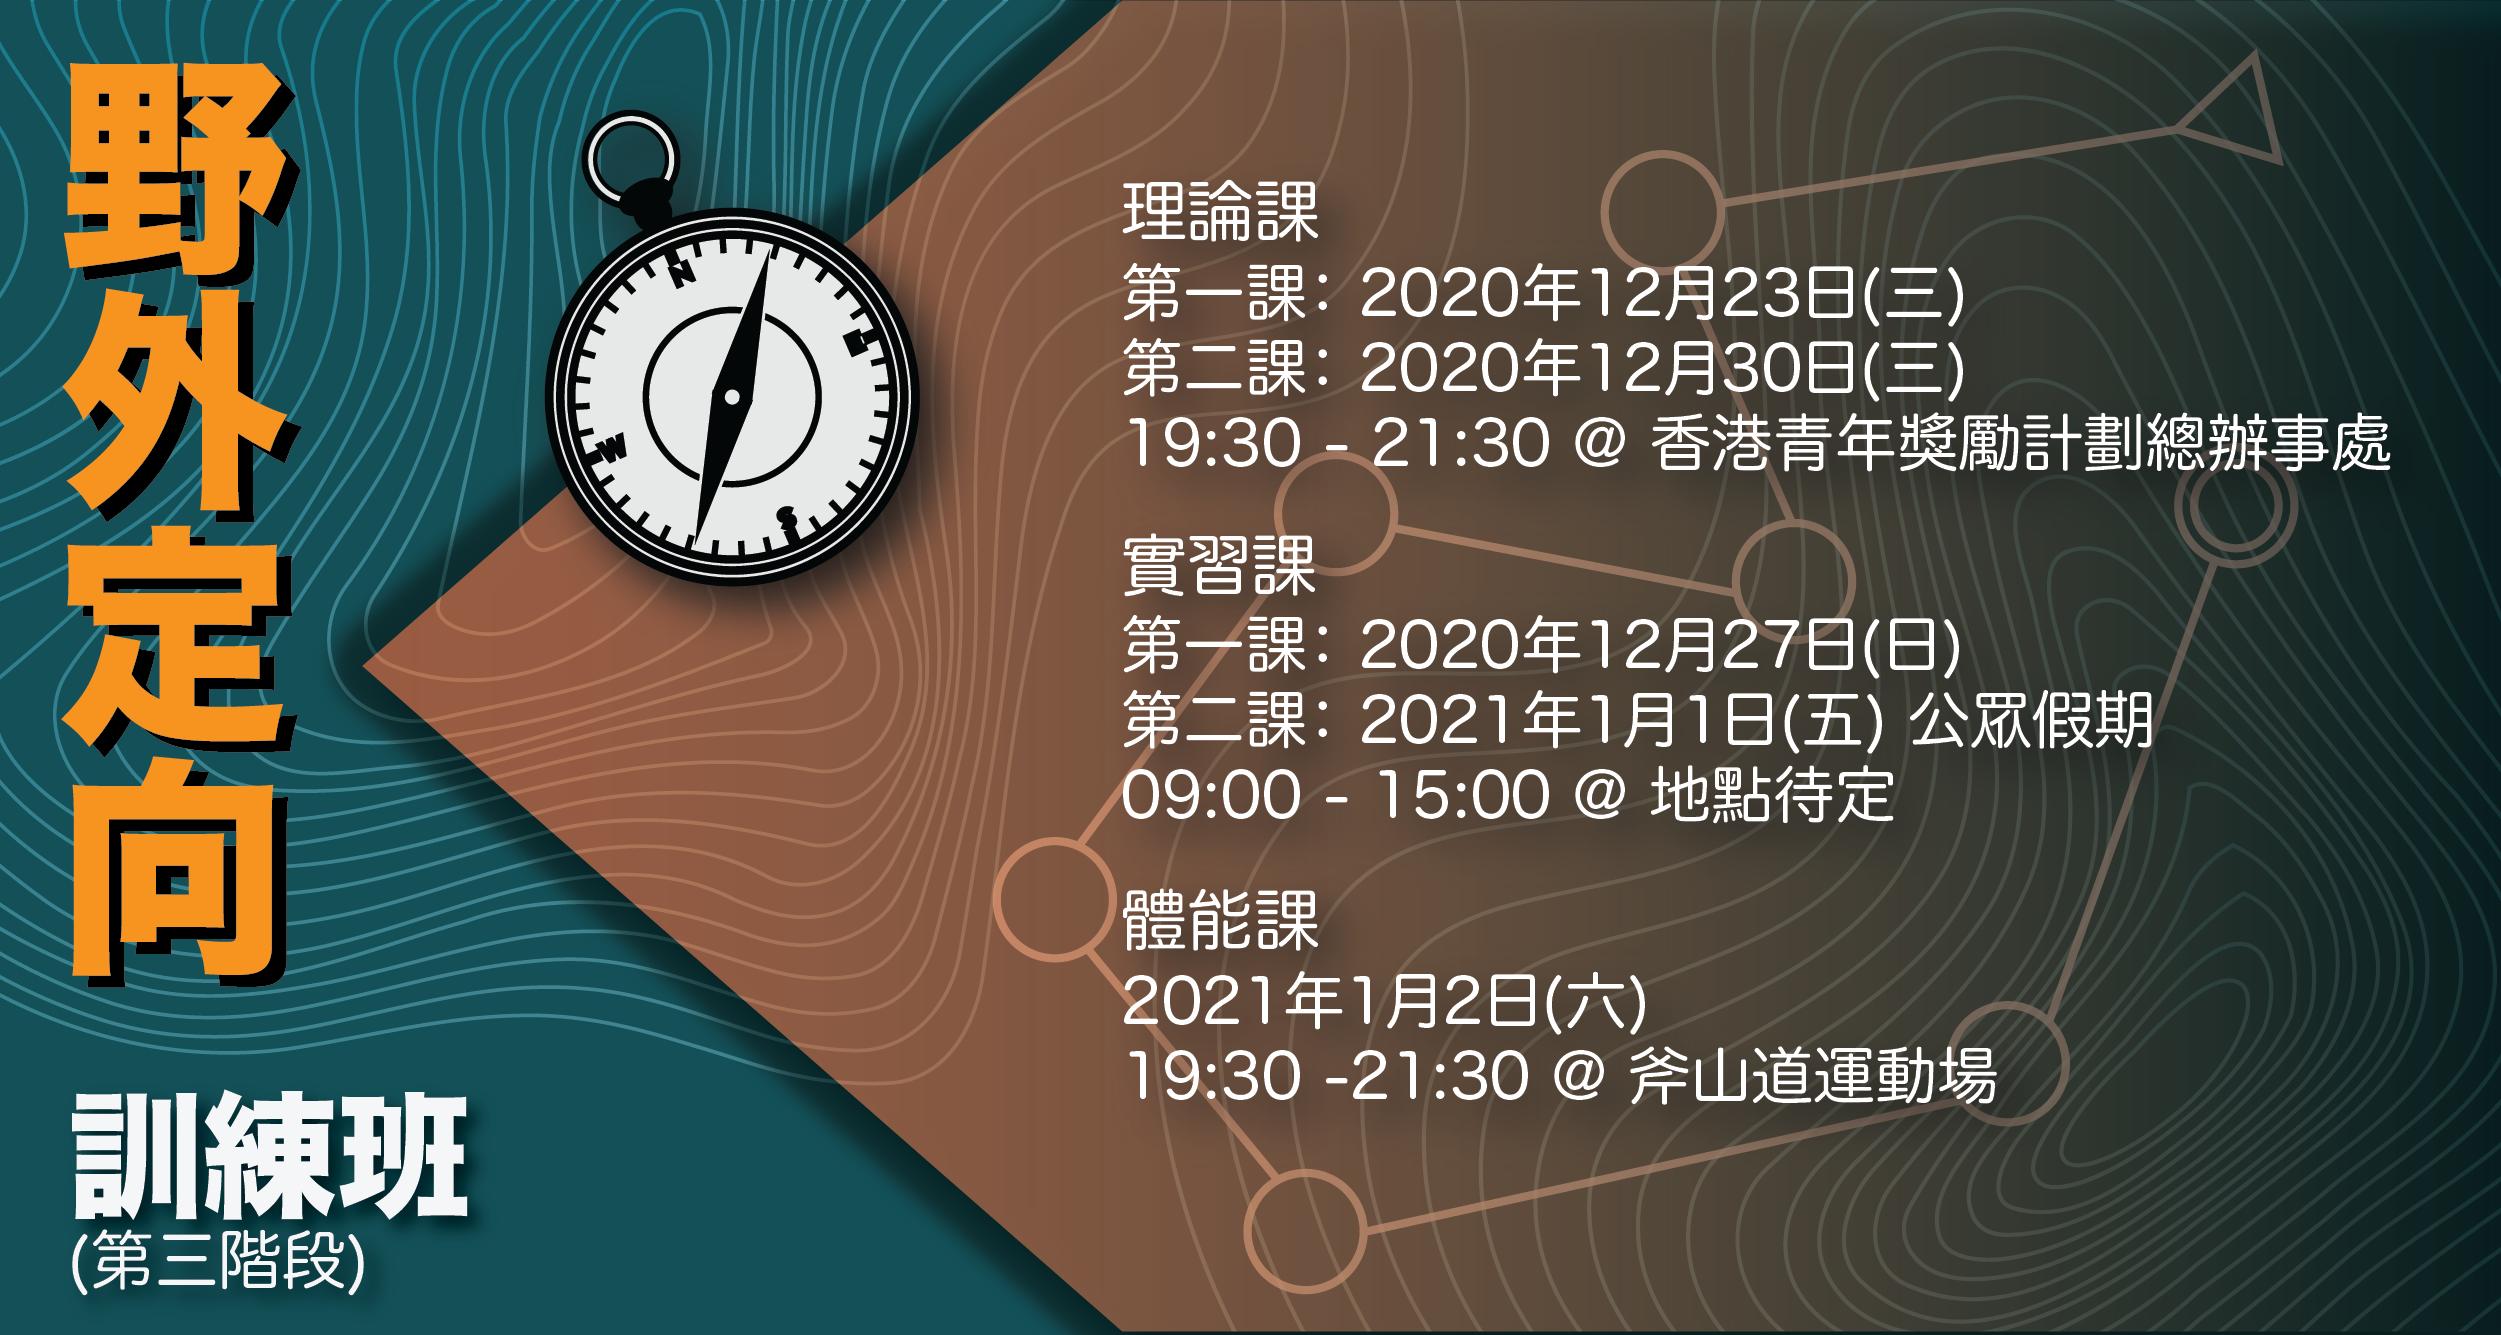 香港定向總會-第三階段野外定向訓練班 – 12月份-1月份